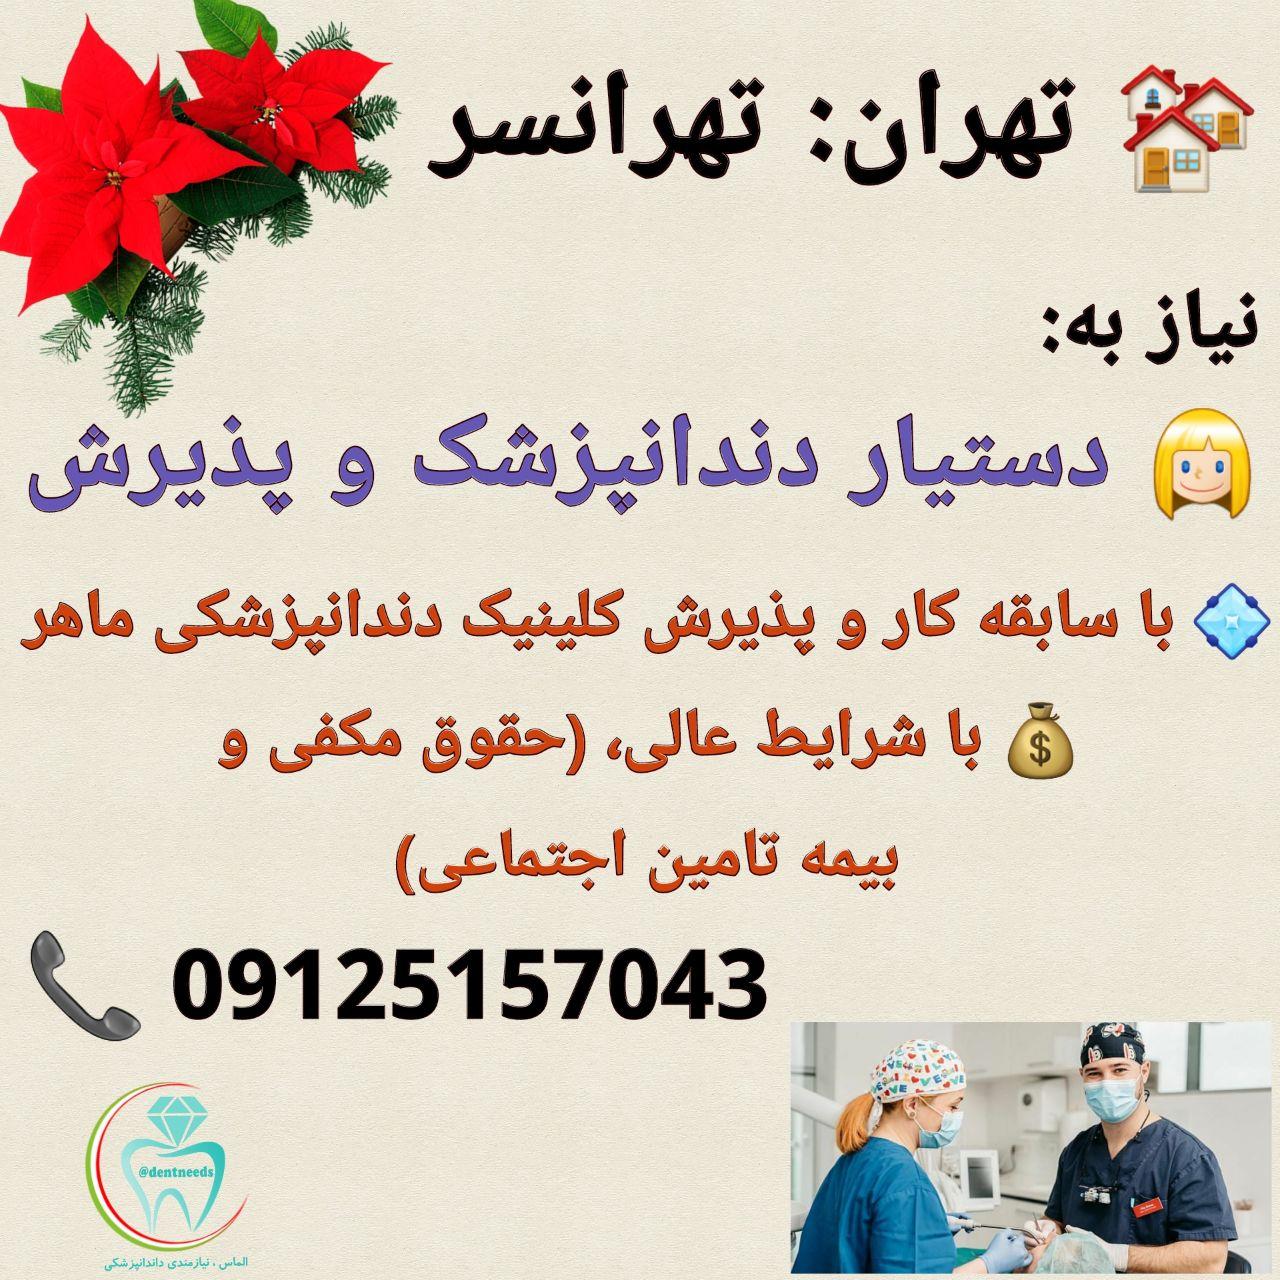 تهران: تهرانسر، نیاز به دستیار دندانپزشک و پذیرش